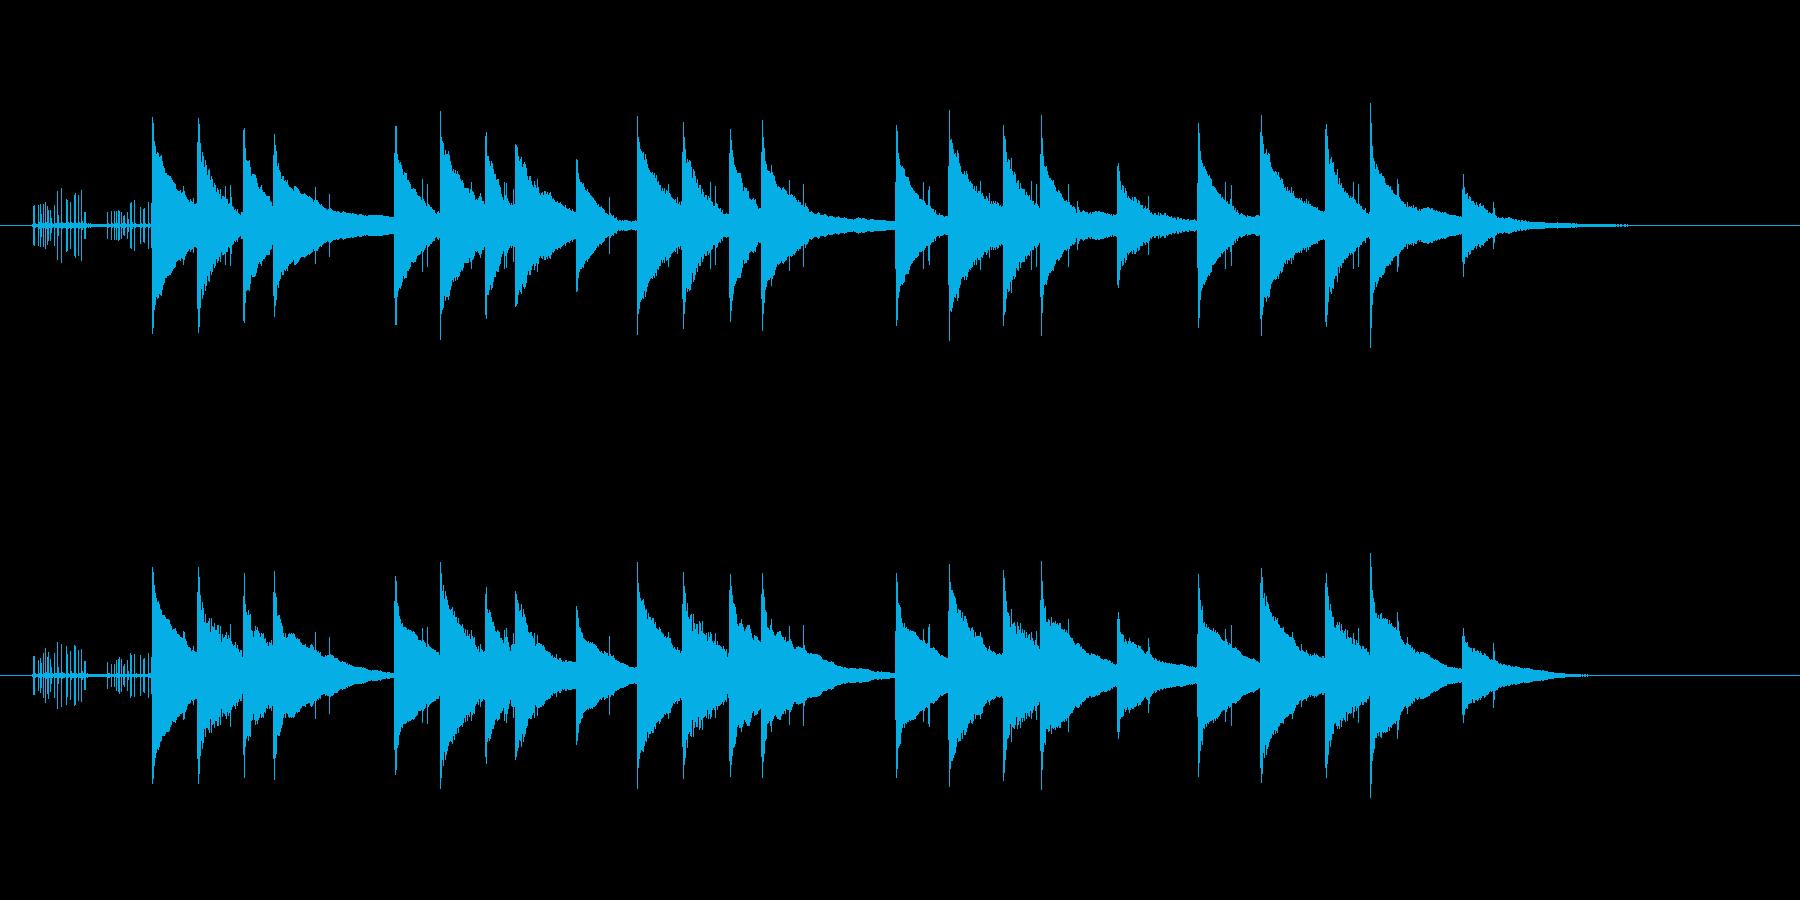 古びた悲しげなオルゴールジングルの再生済みの波形